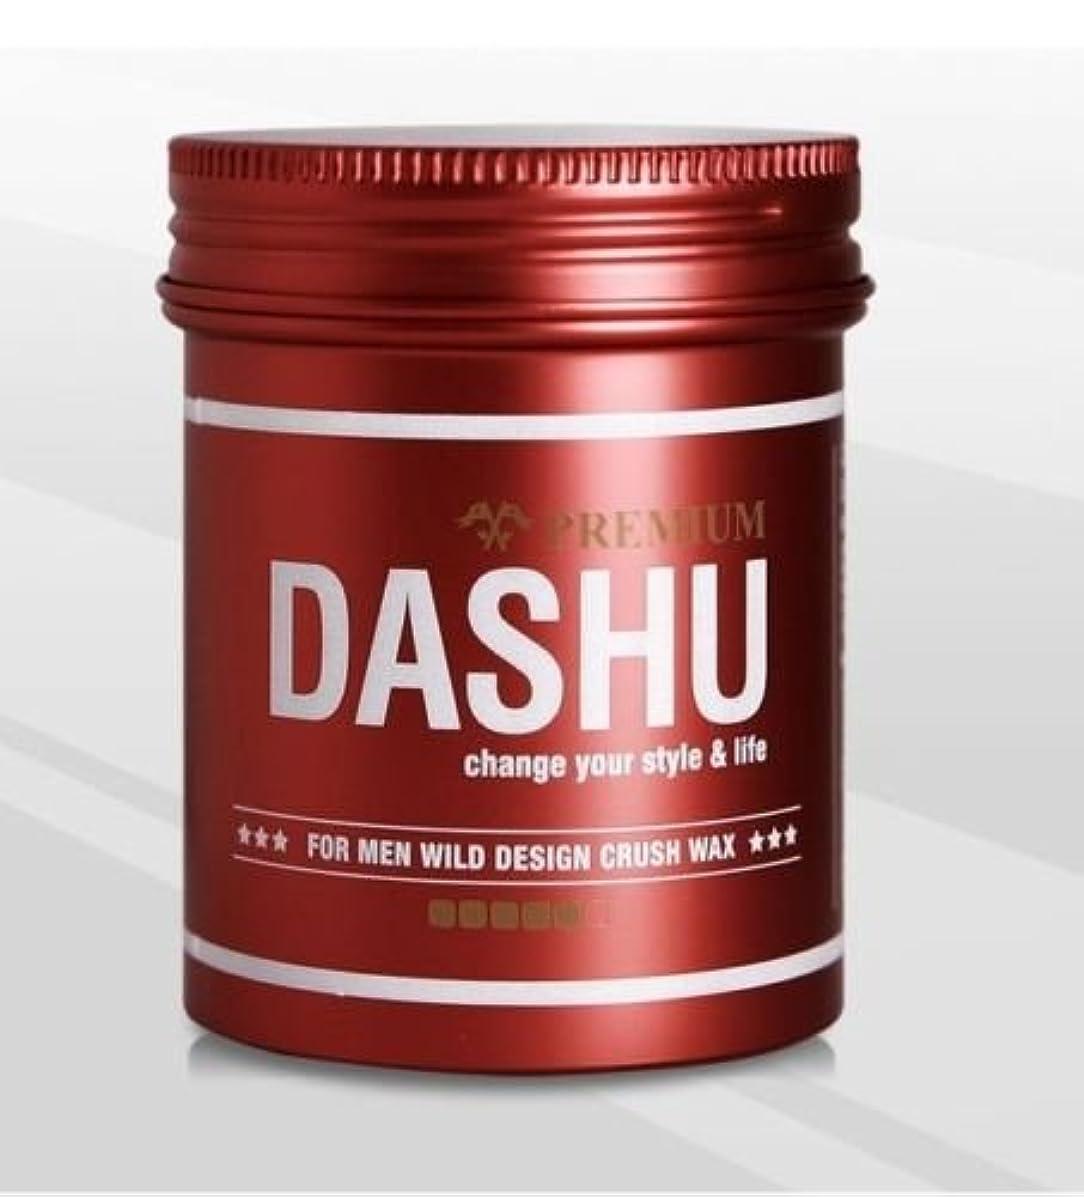 実質的にナビゲーション前部[DASHU] ダシュ For Men男性用 プレミアムワイルドデザインクラッシュワックス Premium Wild Design Crush Hair Wax 100ml / 韓国製 . 韓国直送品